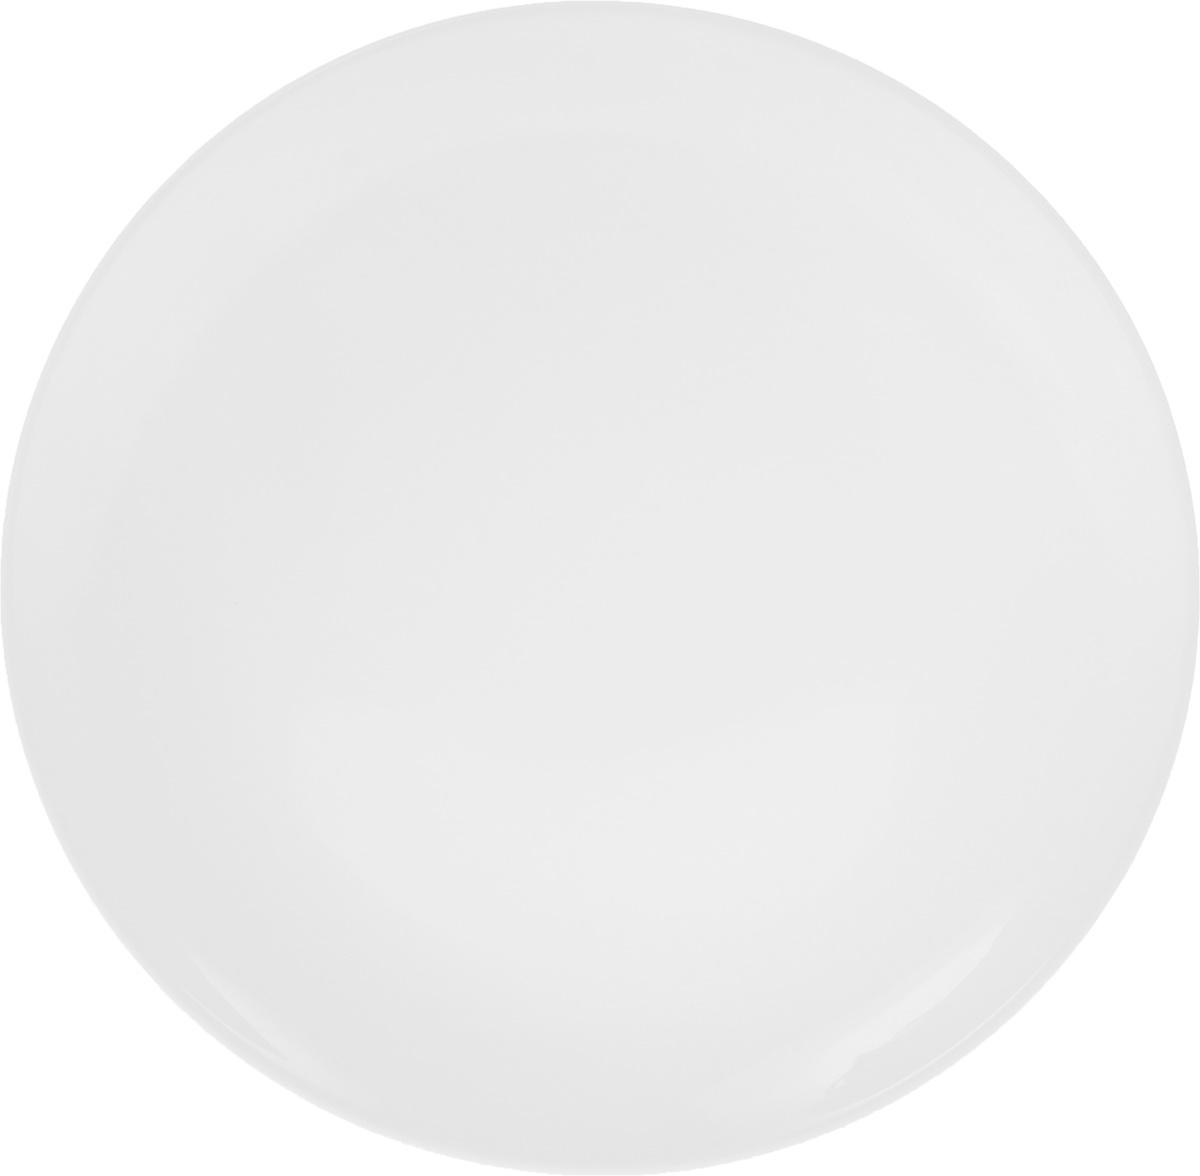 Тарелка Wilmax, диаметр 23 смWL-991014 / AТарелка Wilmax, изготовленная из высококачественного фарфора, имеет классическую круглую форму. Оригинальный дизайн придется по вкусу и ценителям классики, и тем, кто предпочитает утонченность и изысканность. Тарелка Wilmax идеально подойдет для сервировки стола и станет отличным подарком к любому празднику.